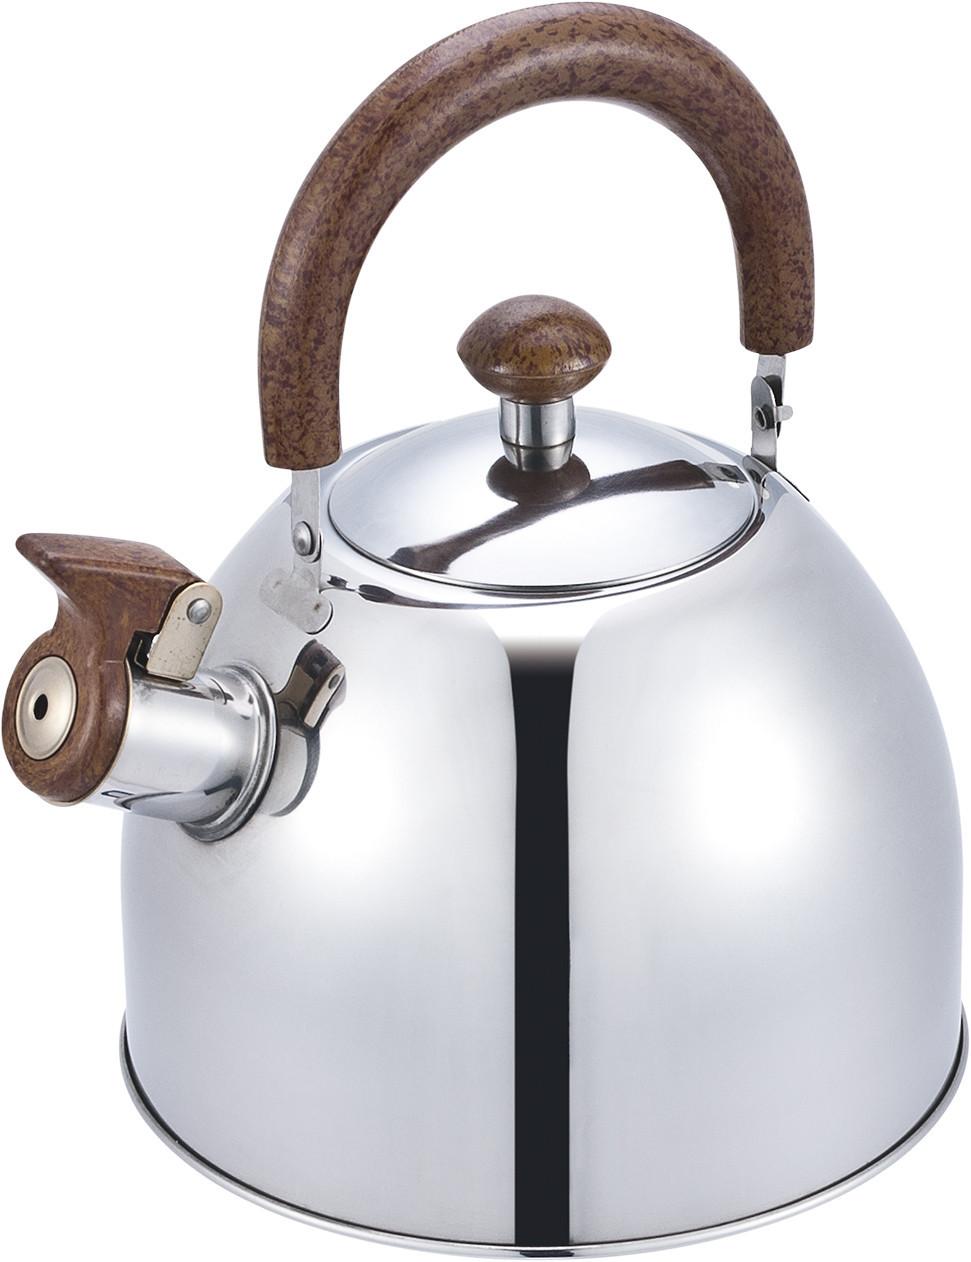 Чайник со свистком из нержавеющей стали Benson BN-712 3 л | Нейлоновая ручка | Индукция